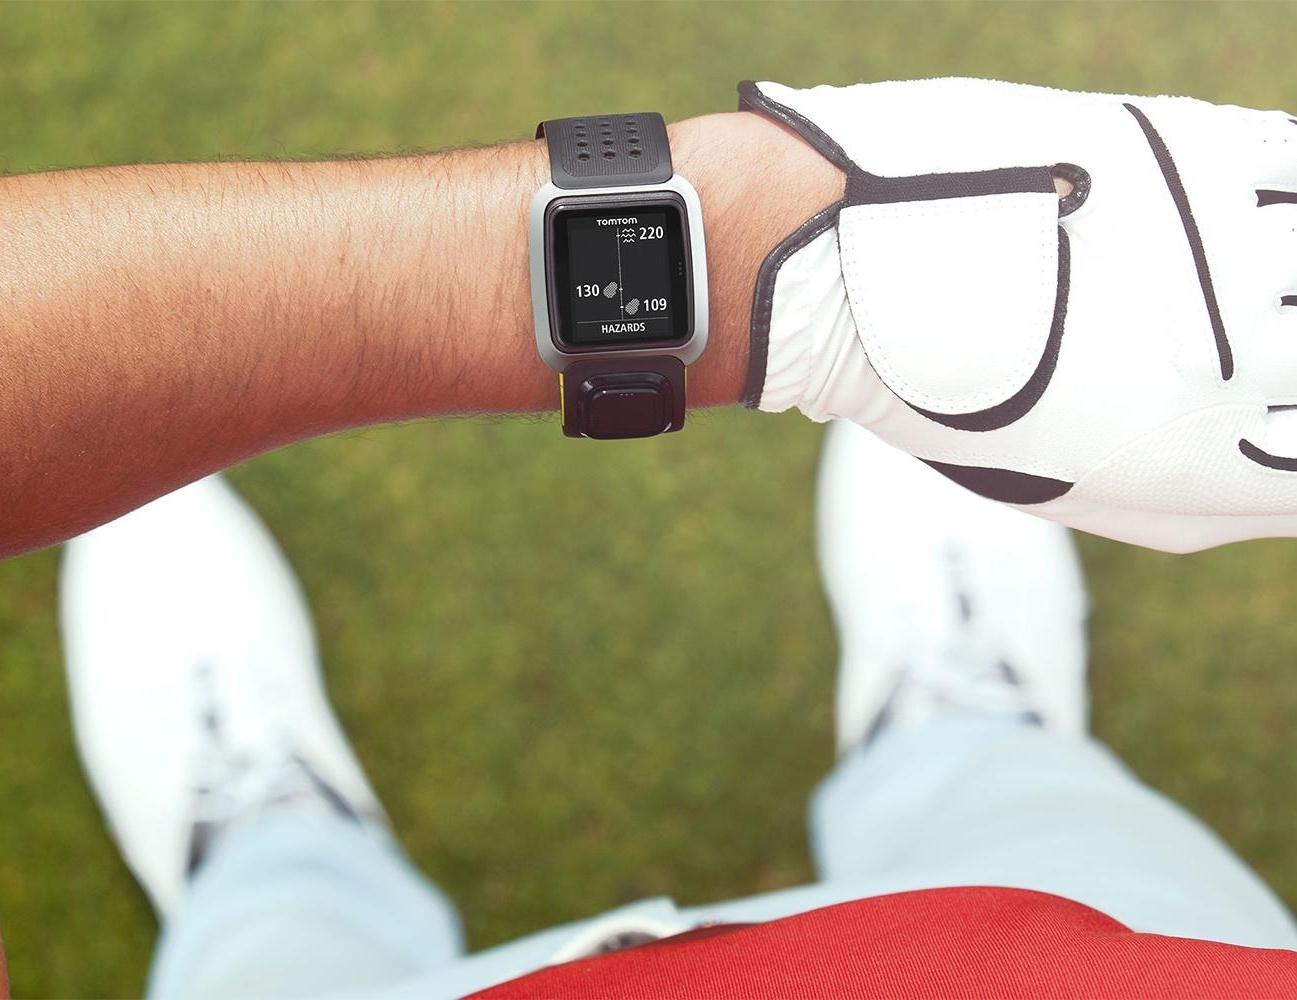 tomtom-golfer-gps-golf-device-01